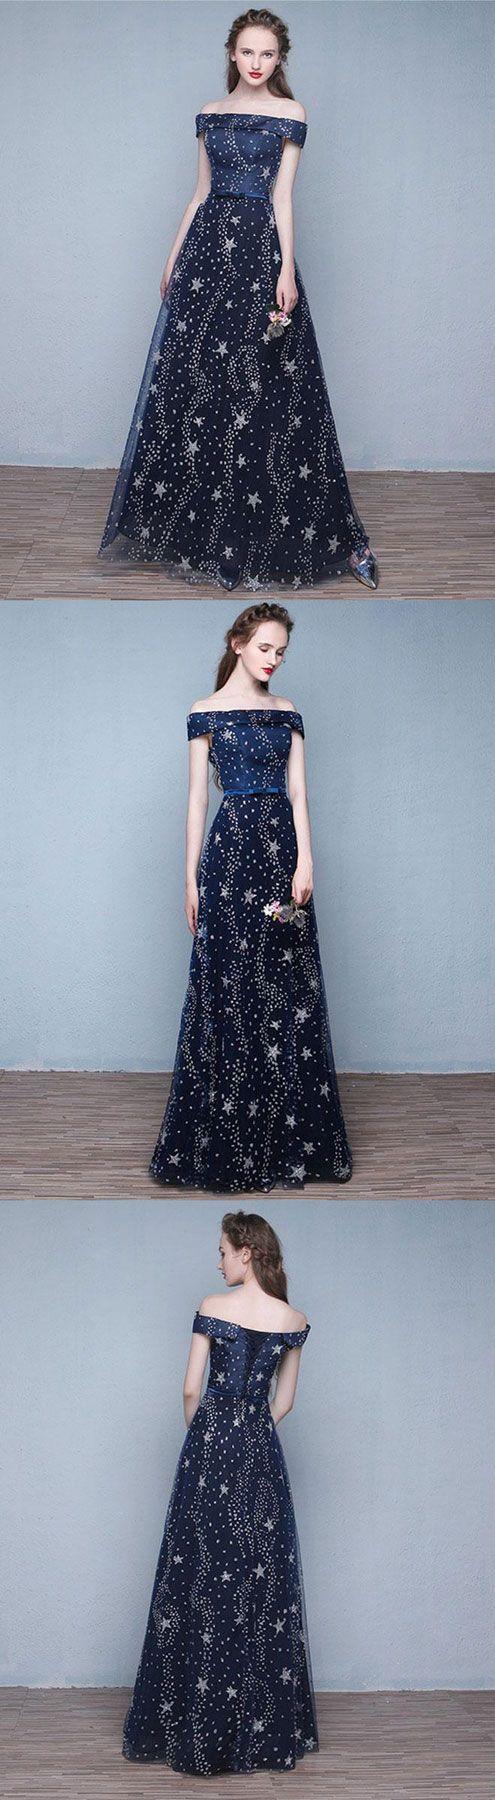 Blue long prom dress, off shoulder evening dress, blue sequin formal dress